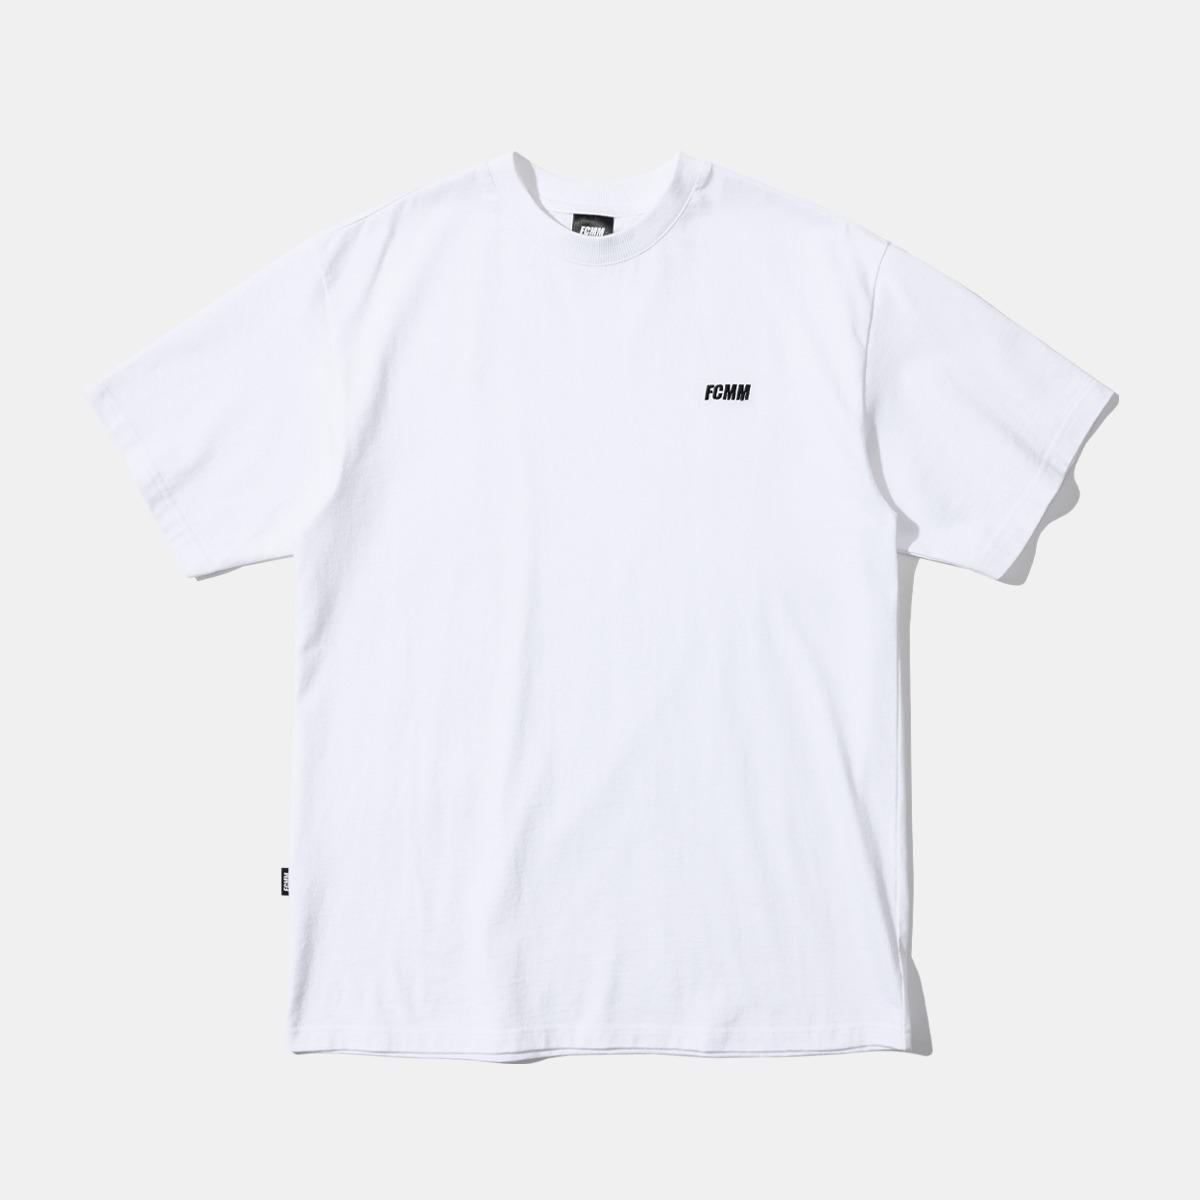 클럽 팀 프레쉬 코튼 티셔츠 - 화이트(04월 13일 순차발송)